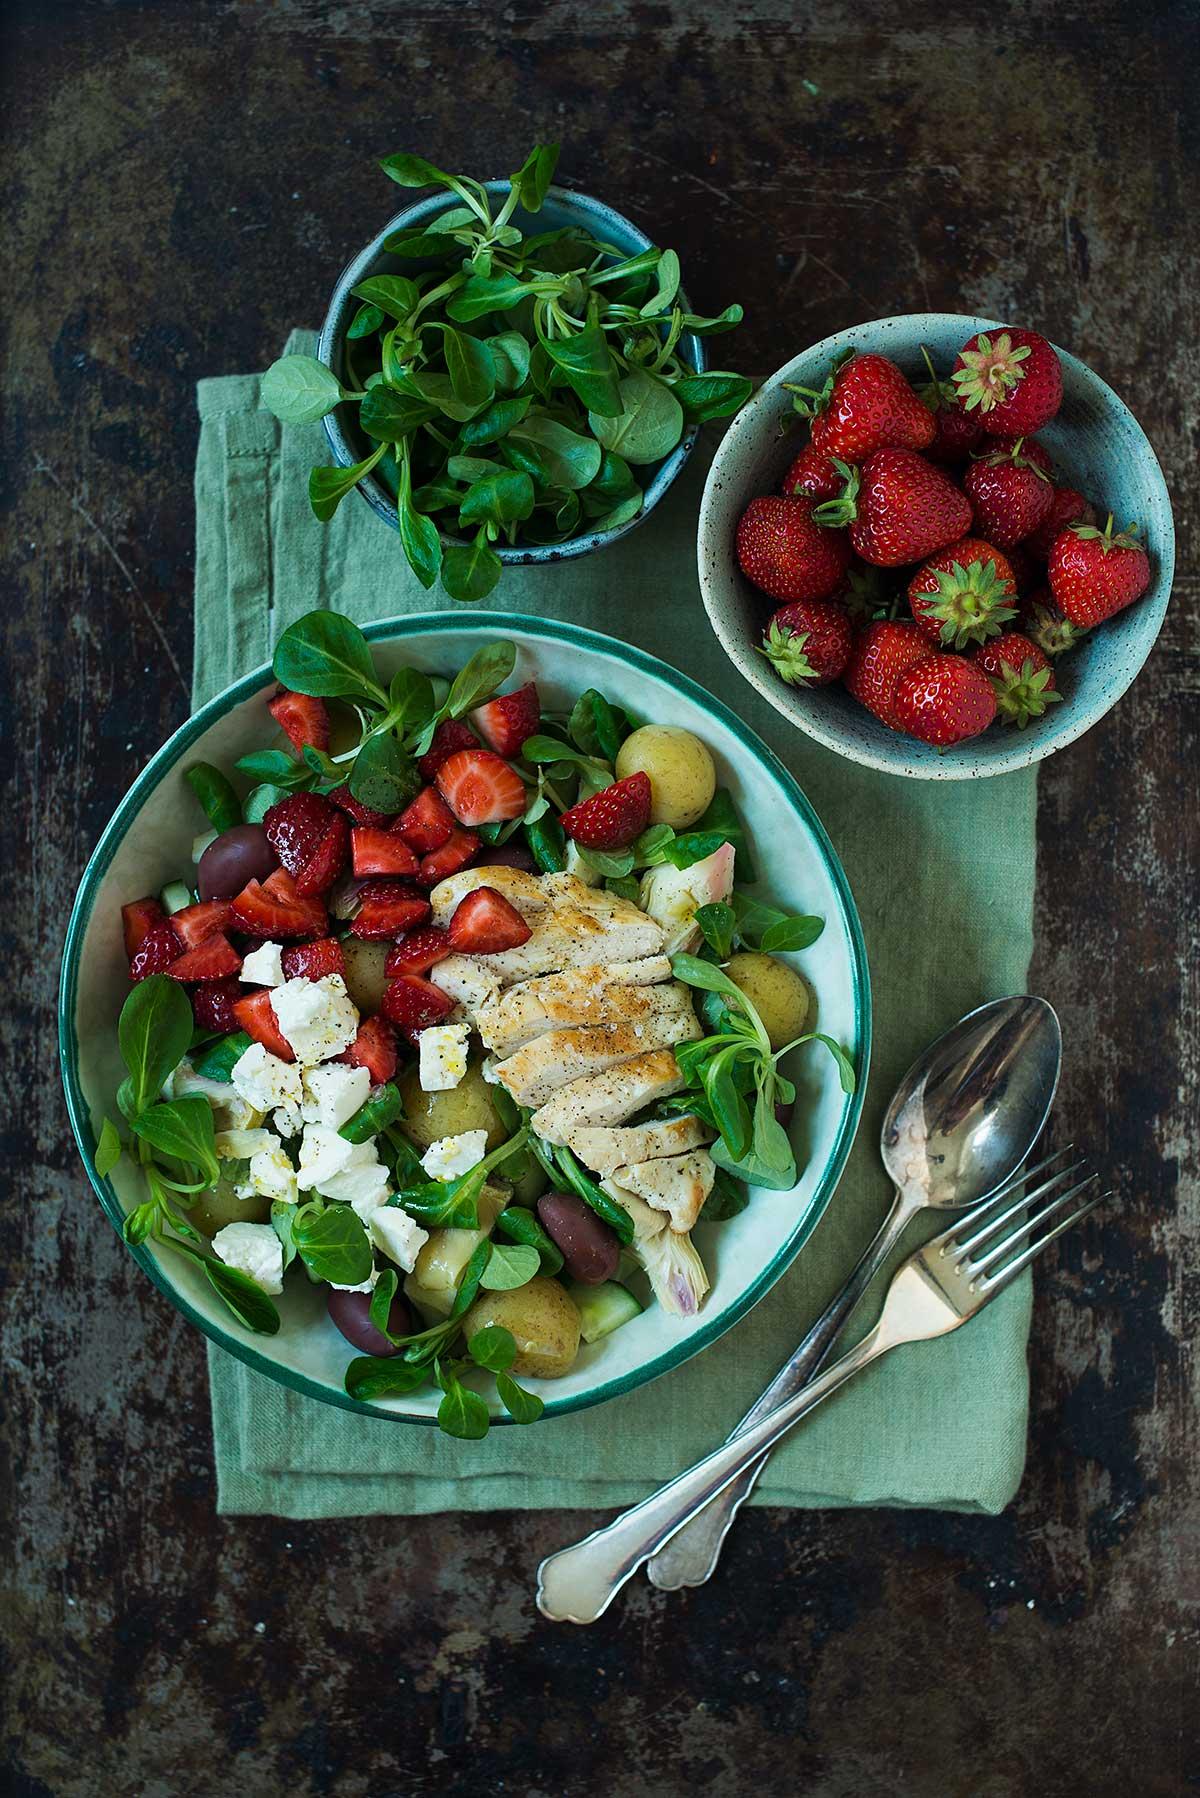 Opskrift: Salat med kylling, nye kartofler og jordbær | Frk. Kræsen